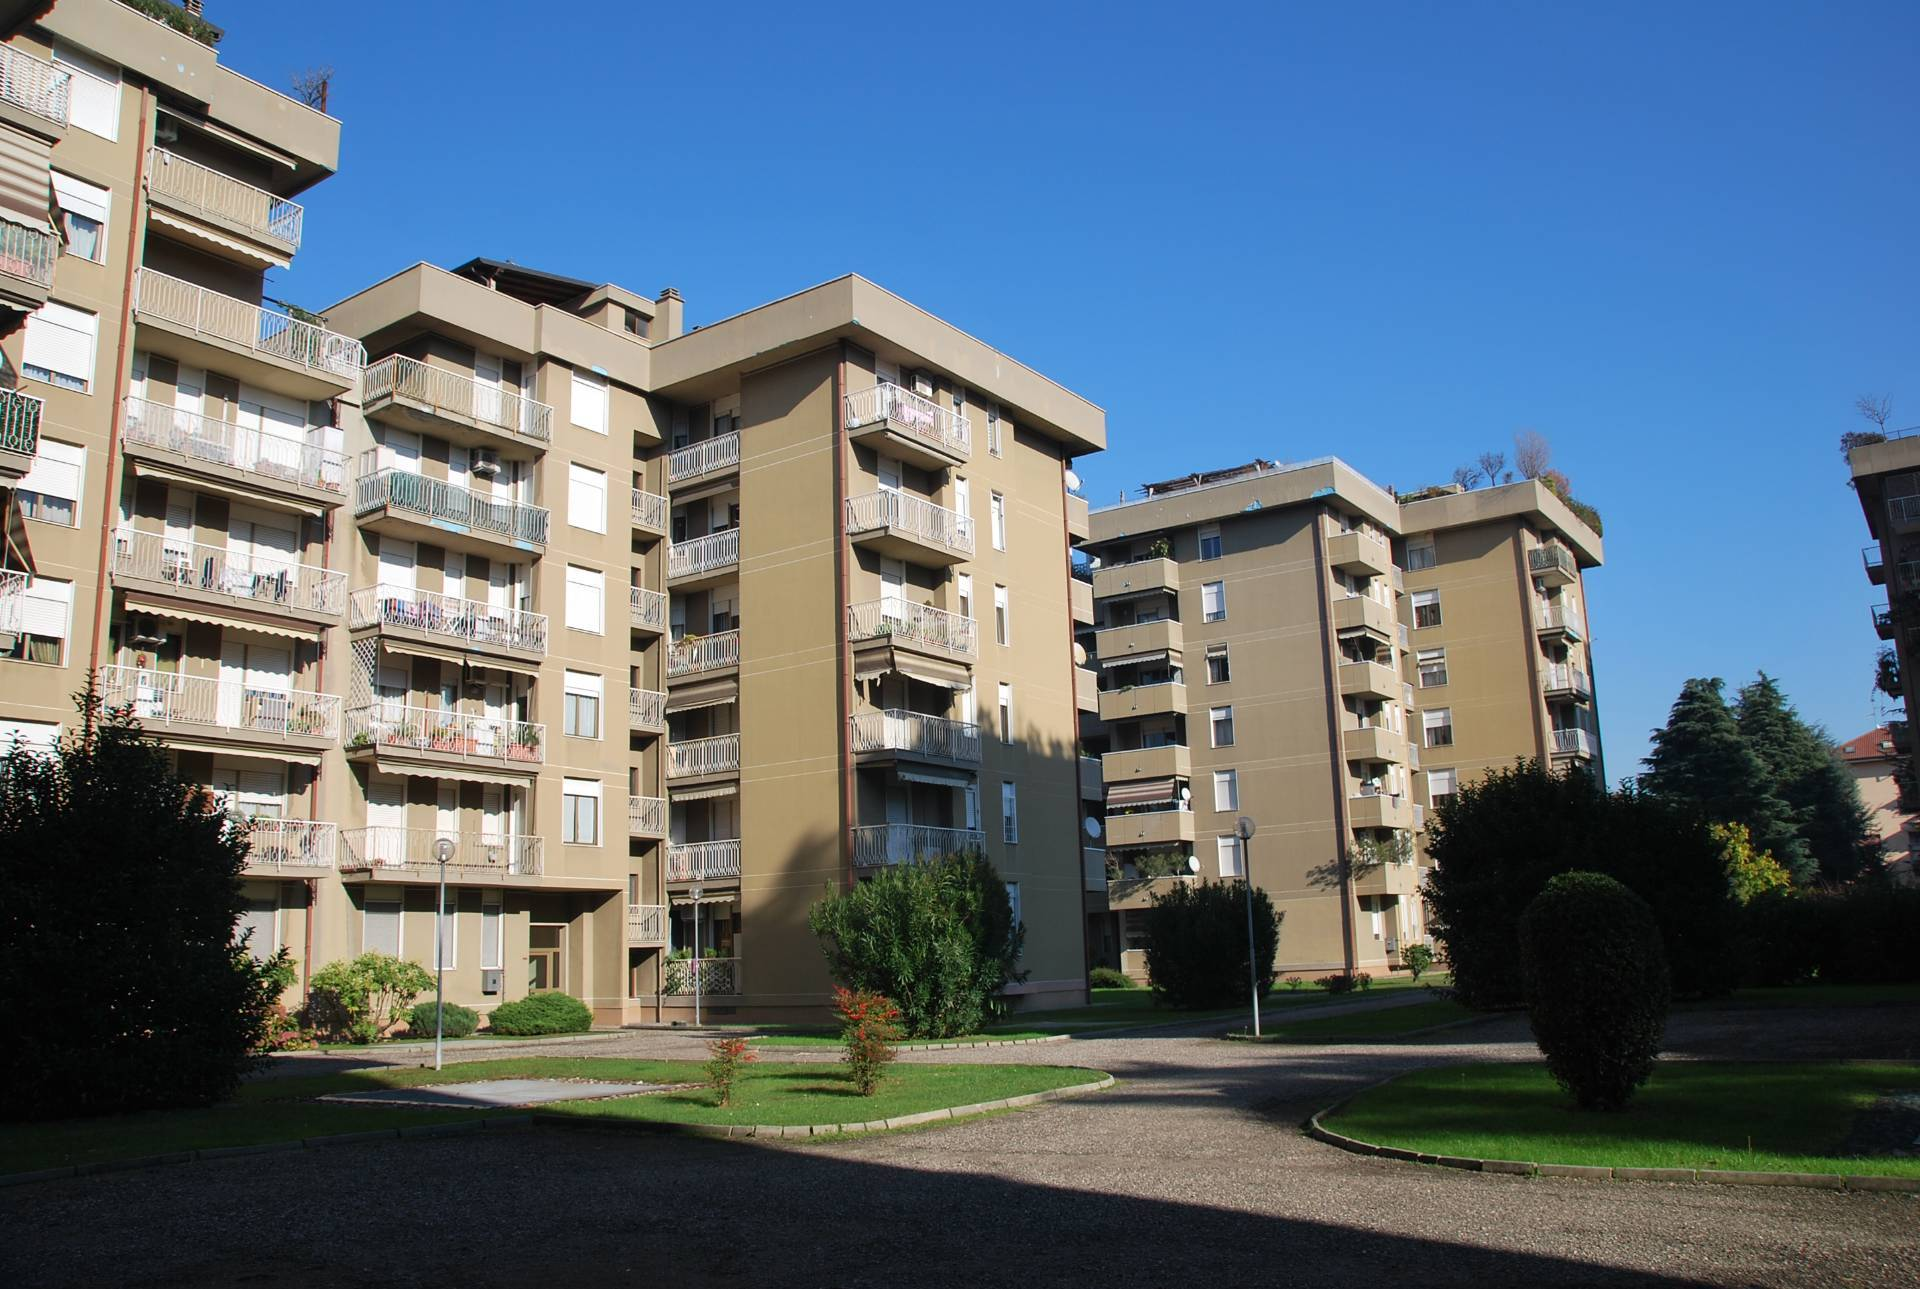 Appartamento in vendita a Legnano, 3 locali, zona Zona: Centro, prezzo € 93.000   CambioCasa.it